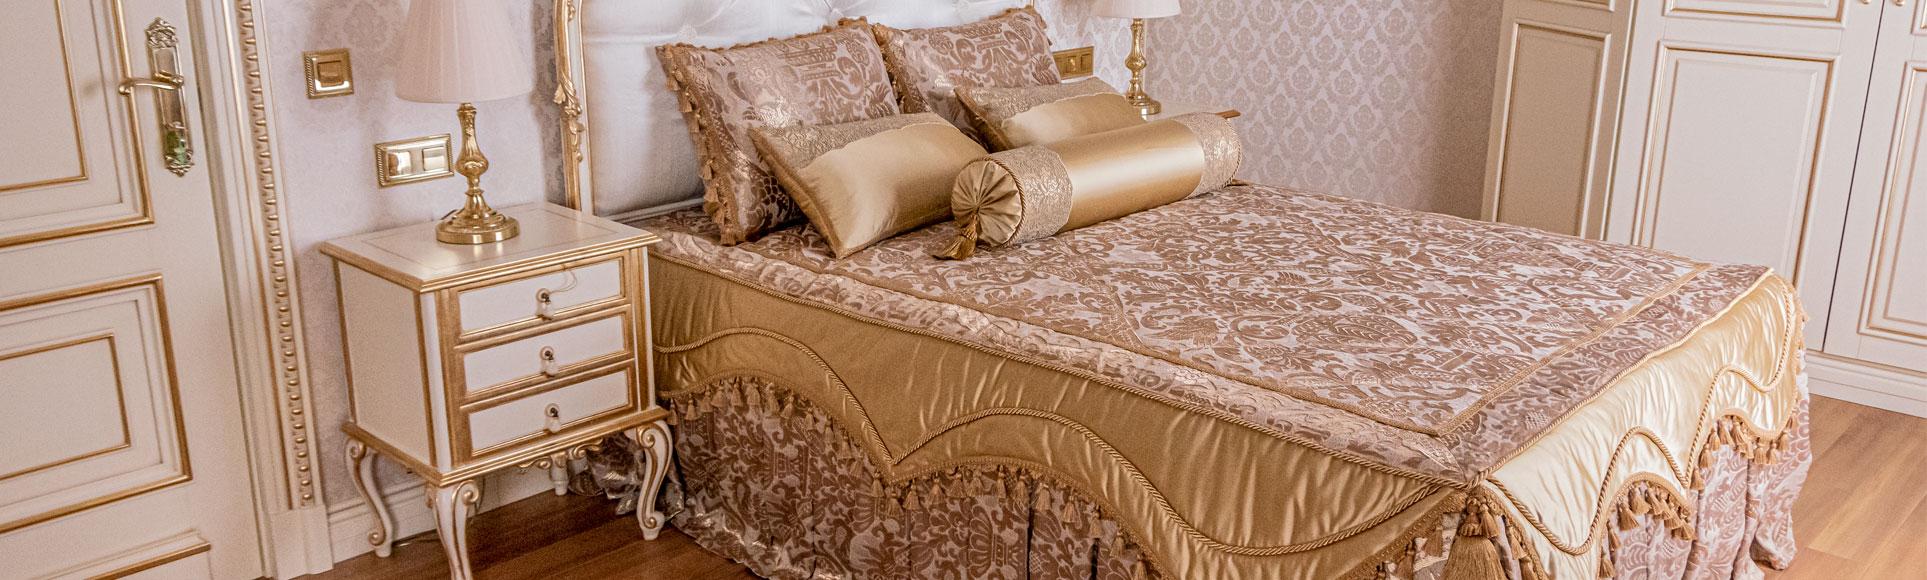 Cпальня в золотом цвете